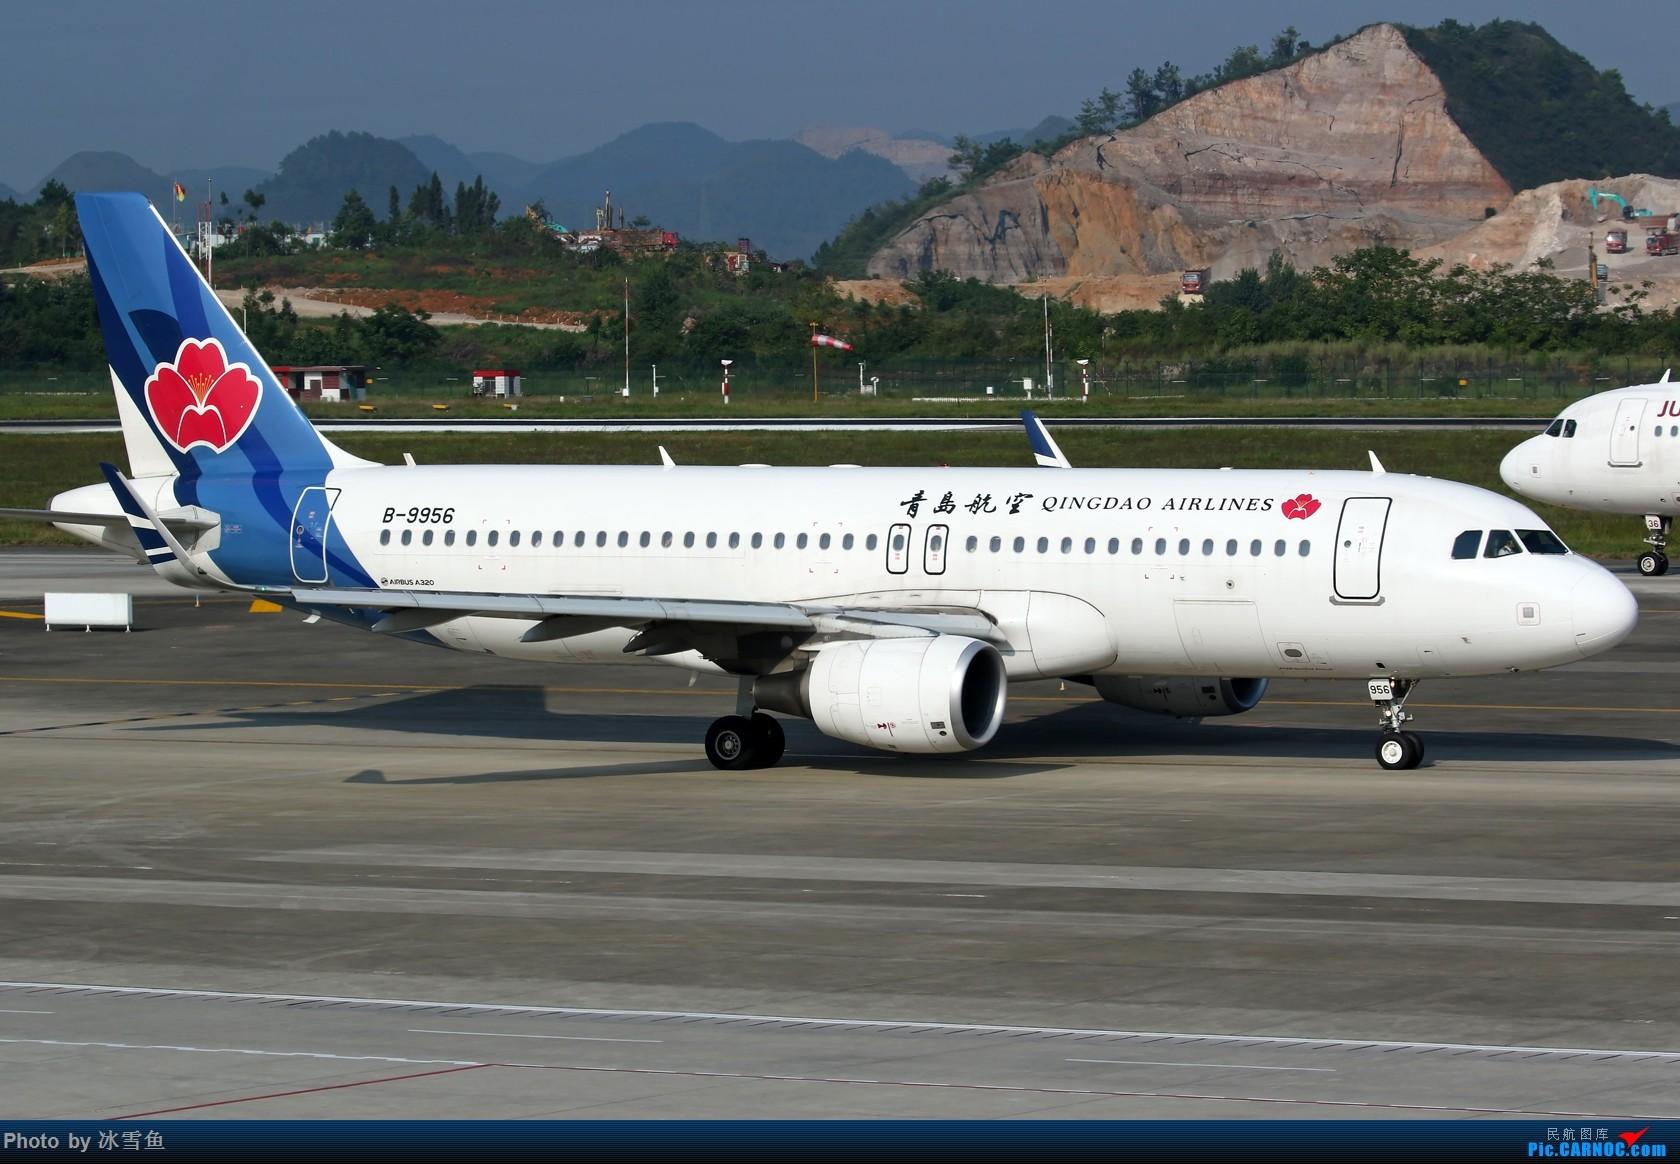 [原创]【BLDDQ】贵阳龙洞堡,候机时拍几张,同时回味滑行道边曾经的拍机位 AIRBUS A320-200 B-9956 中国贵阳龙洞堡国际机场